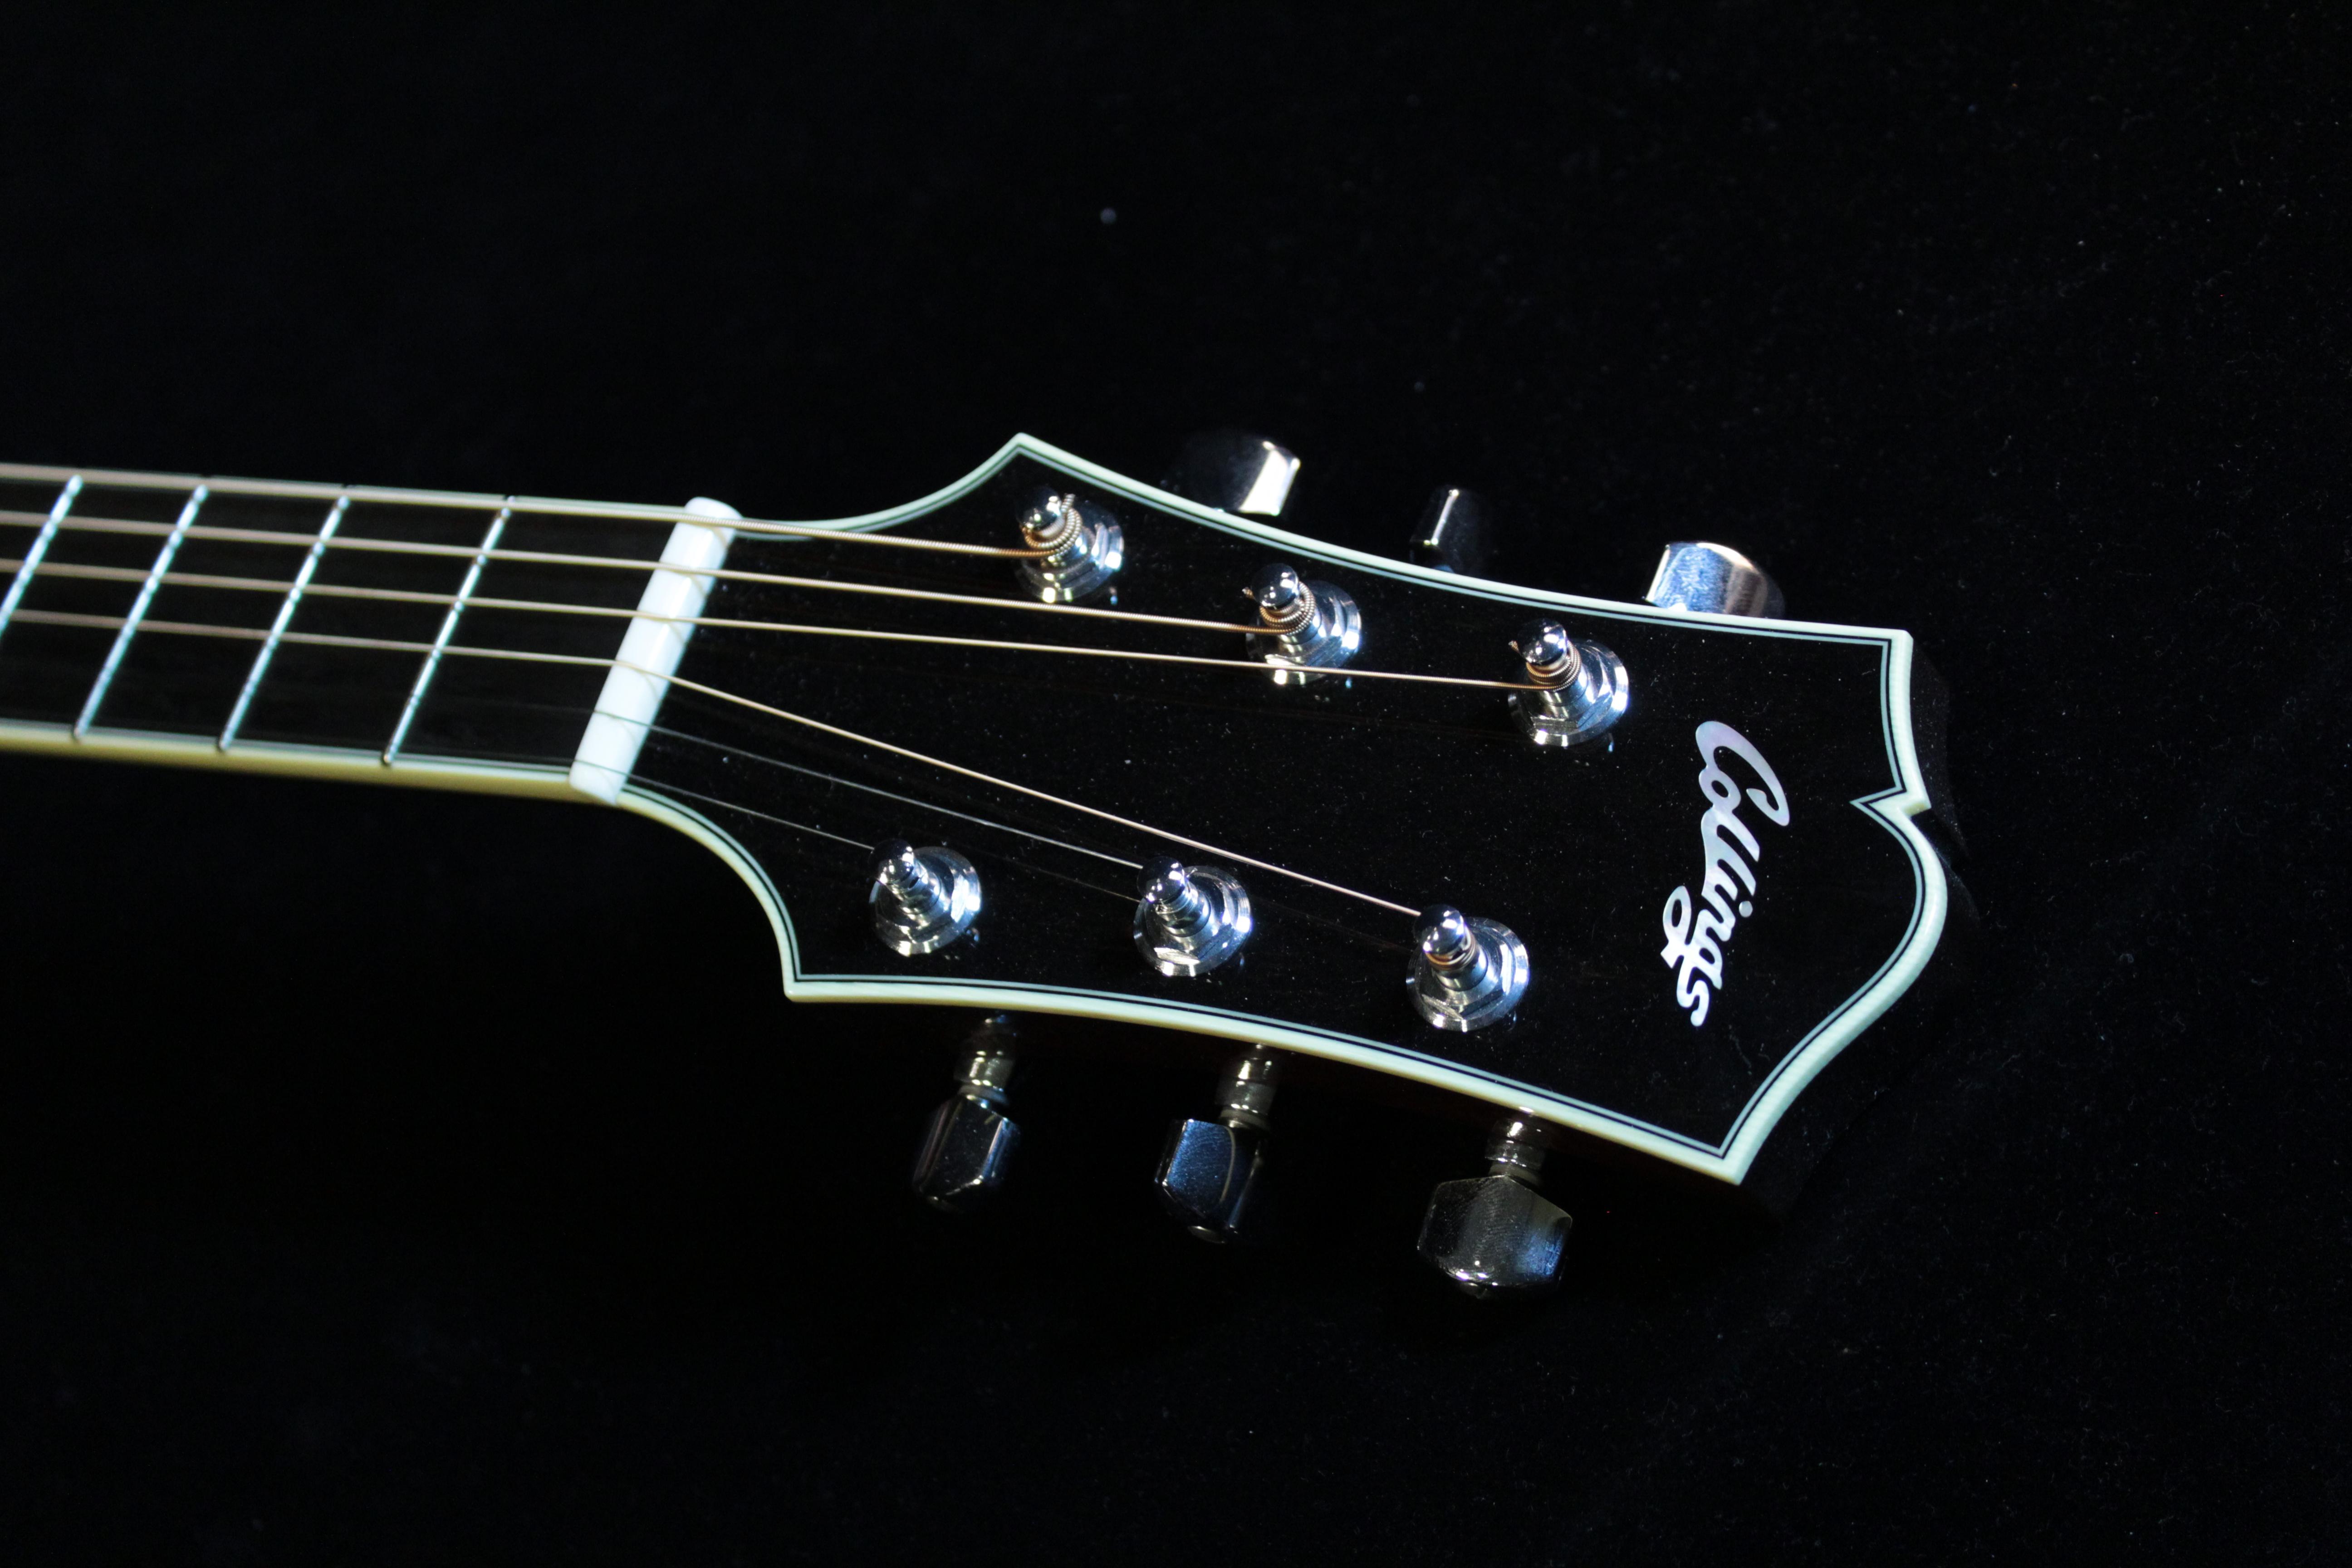 Collings Model C10 Deluxe